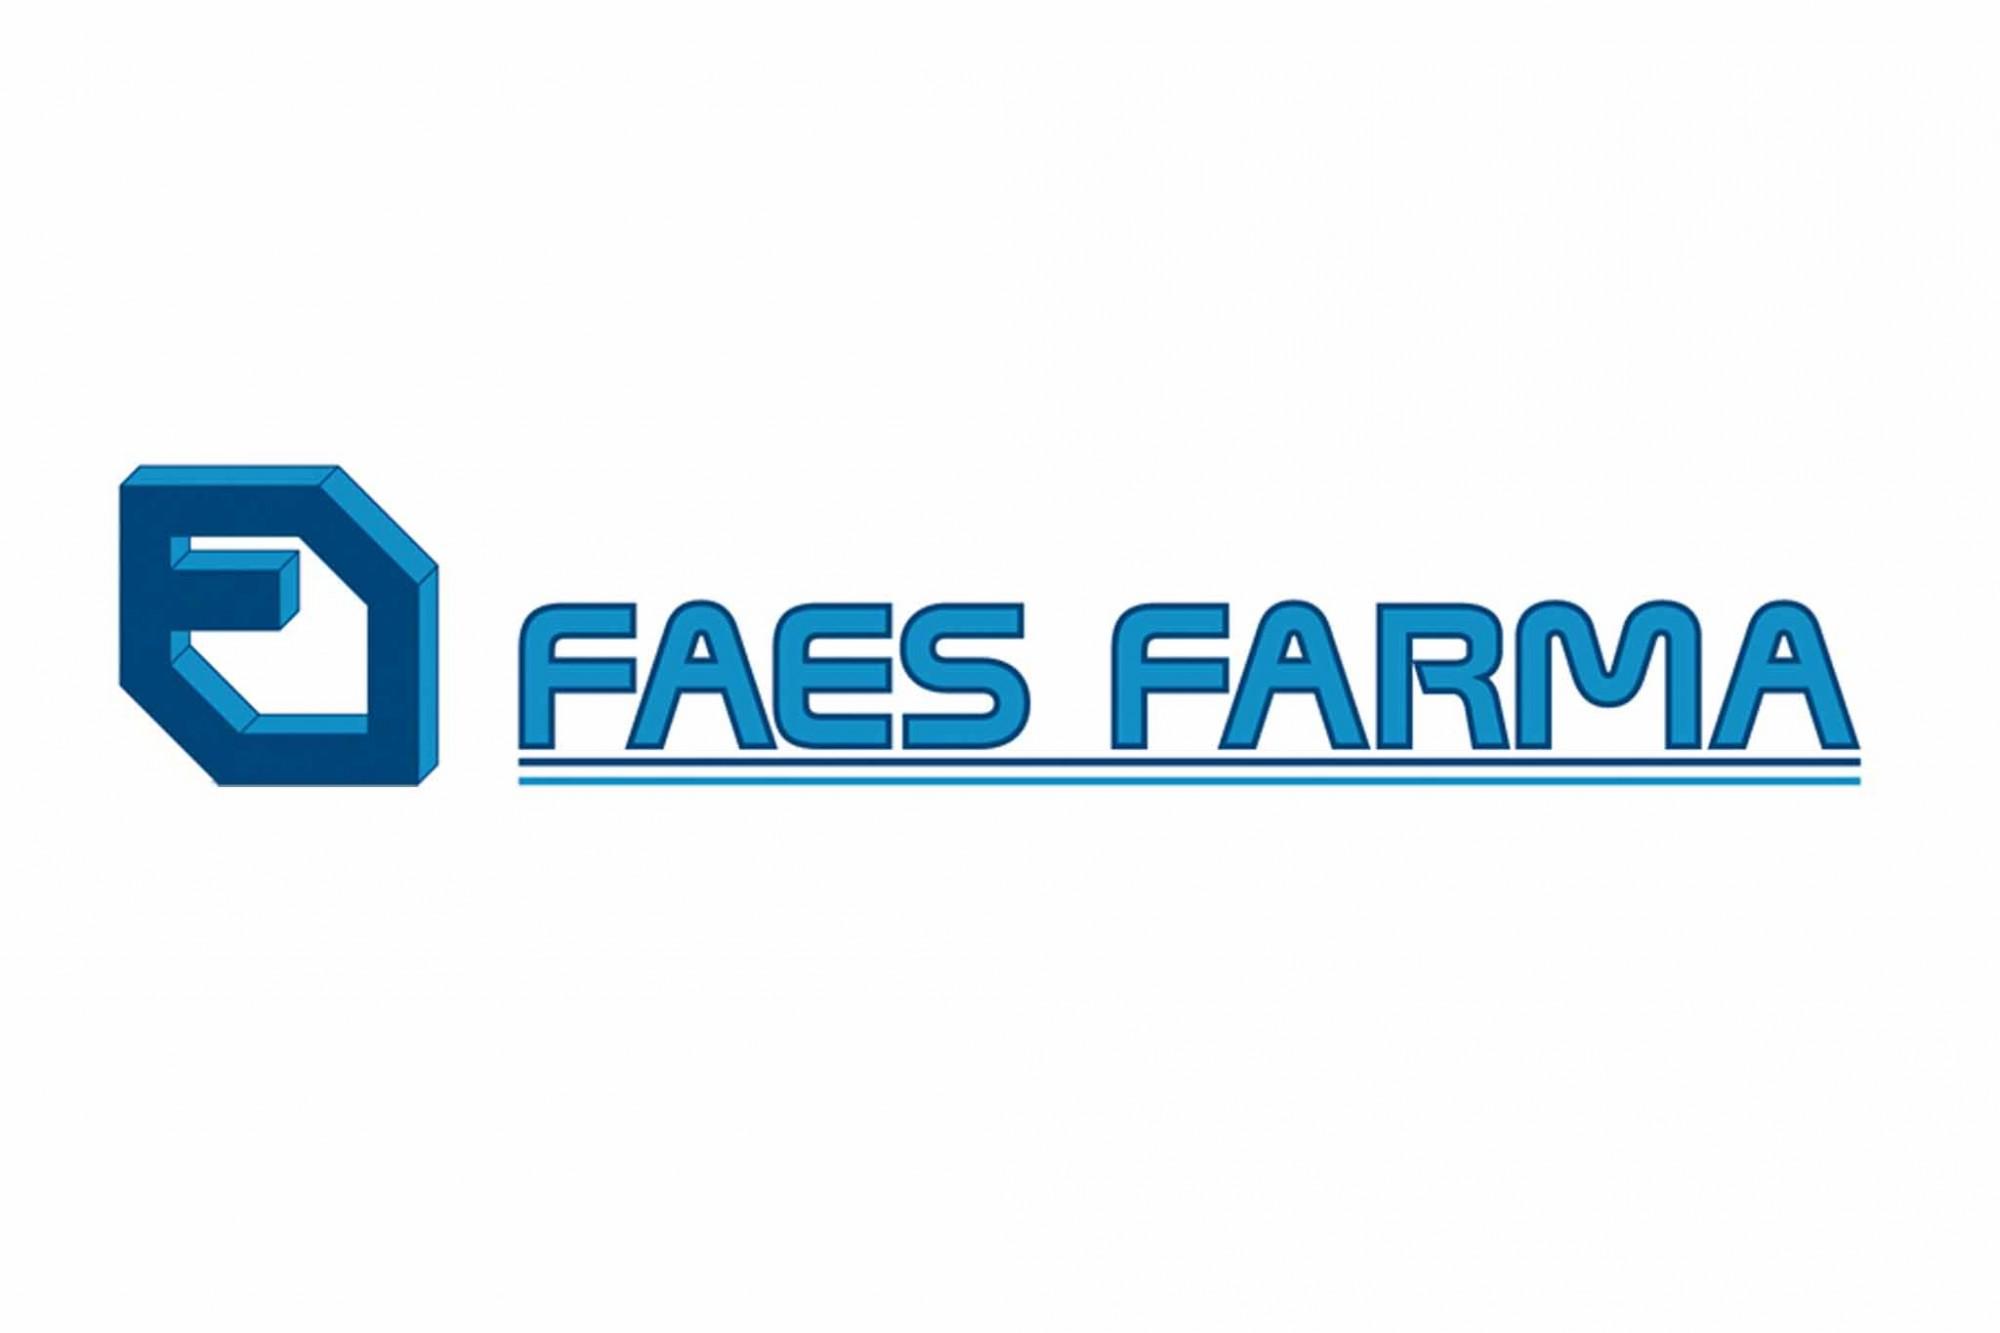 Faes Farma y Fundtrafic colaborará en la prevención de accidentes de tráfico